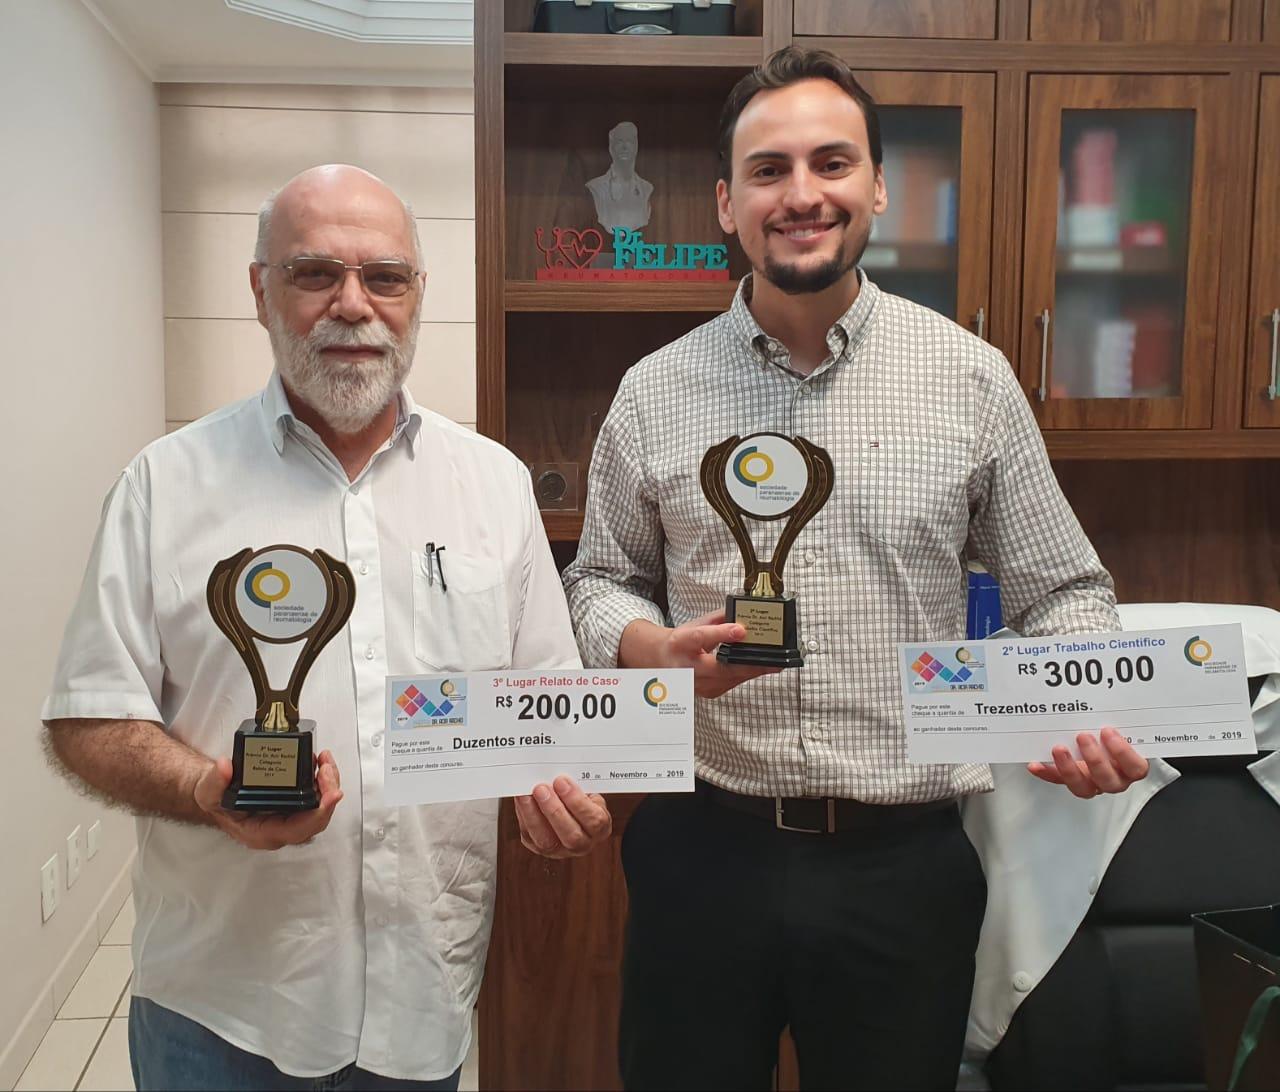 Professor e doutorando da UEM ganham Prêmio de Reumatologia